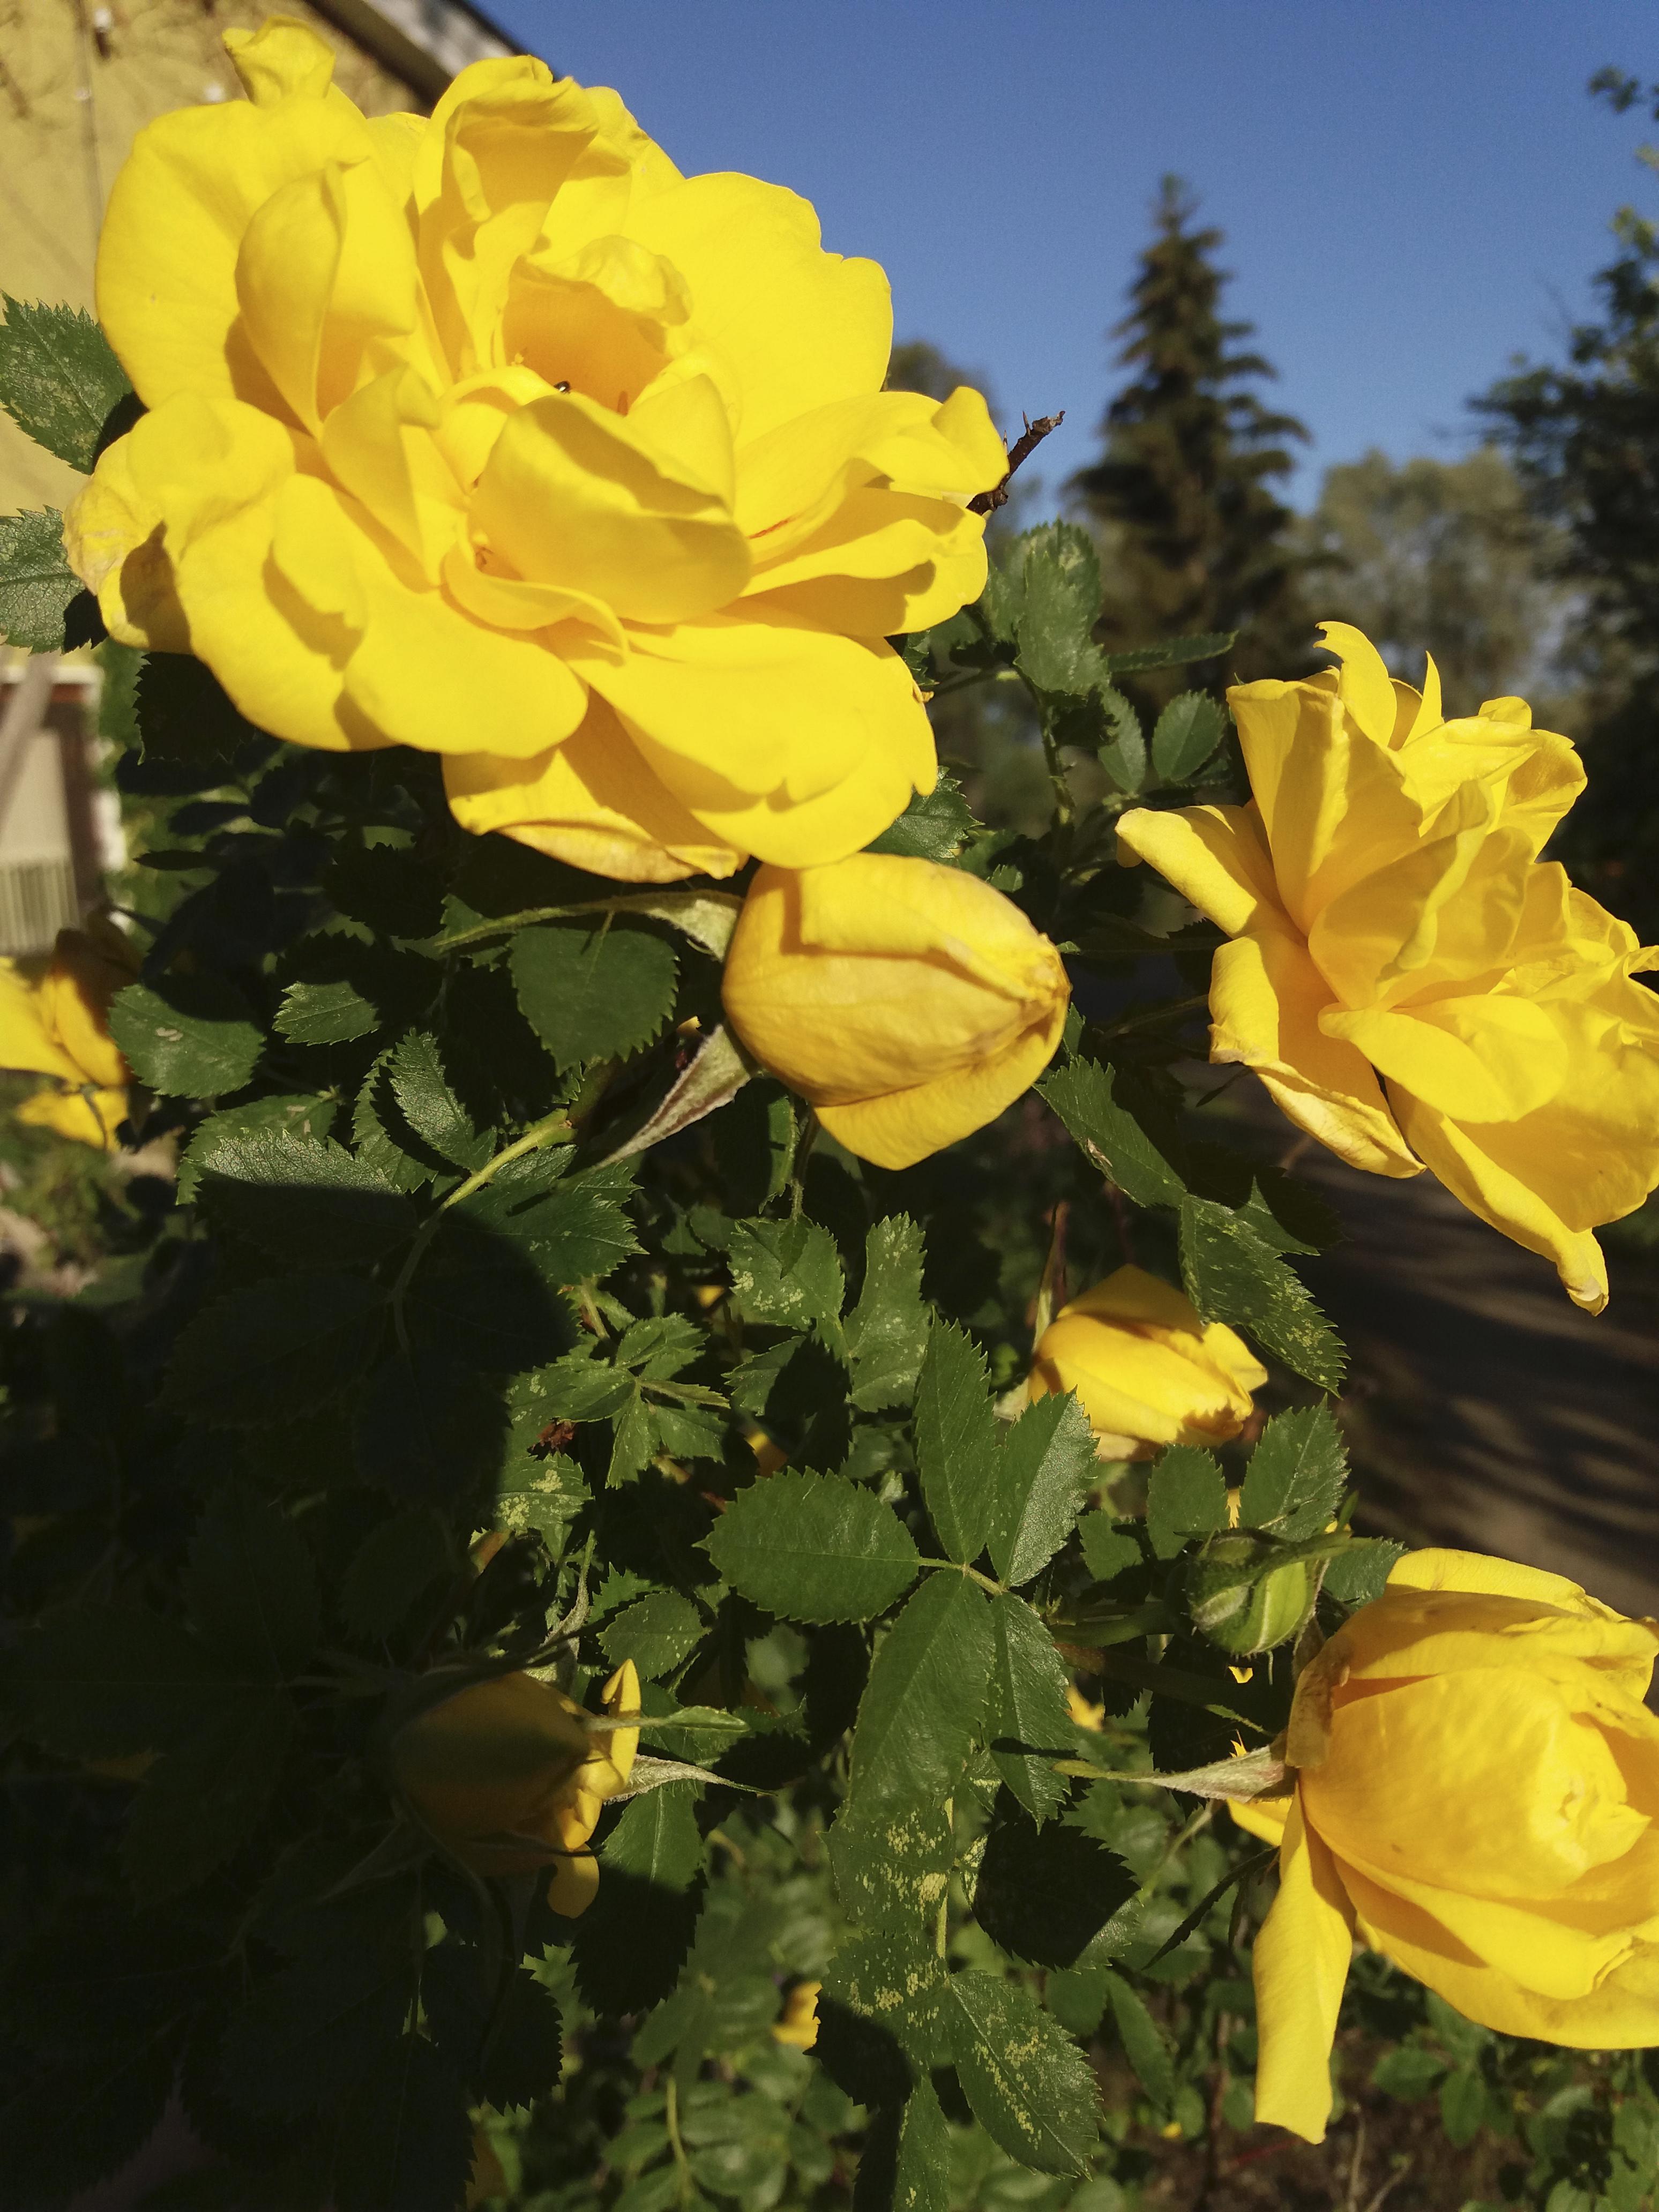 Auringonkeltainen ruusu. Kuva: Hanna Törmä